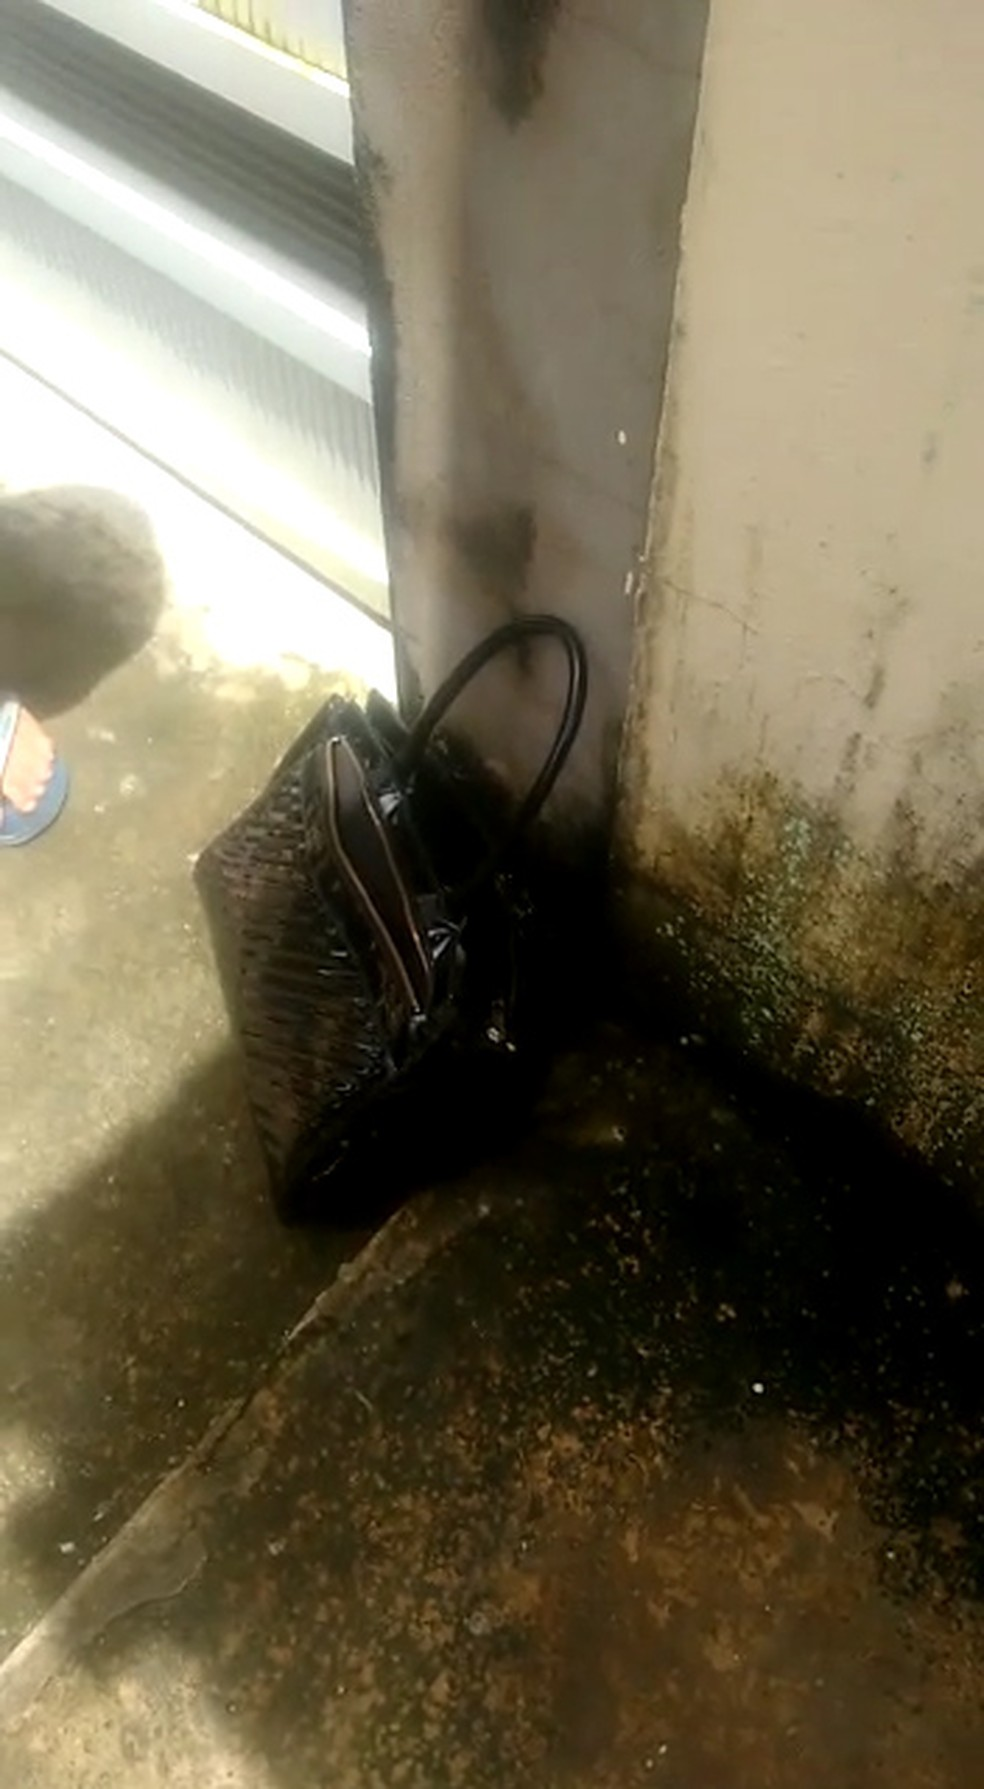 Bolsa com recém-nascido foi deixada no portão de uma residência em São Luís — Foto: Reprodução/Redes Sociais